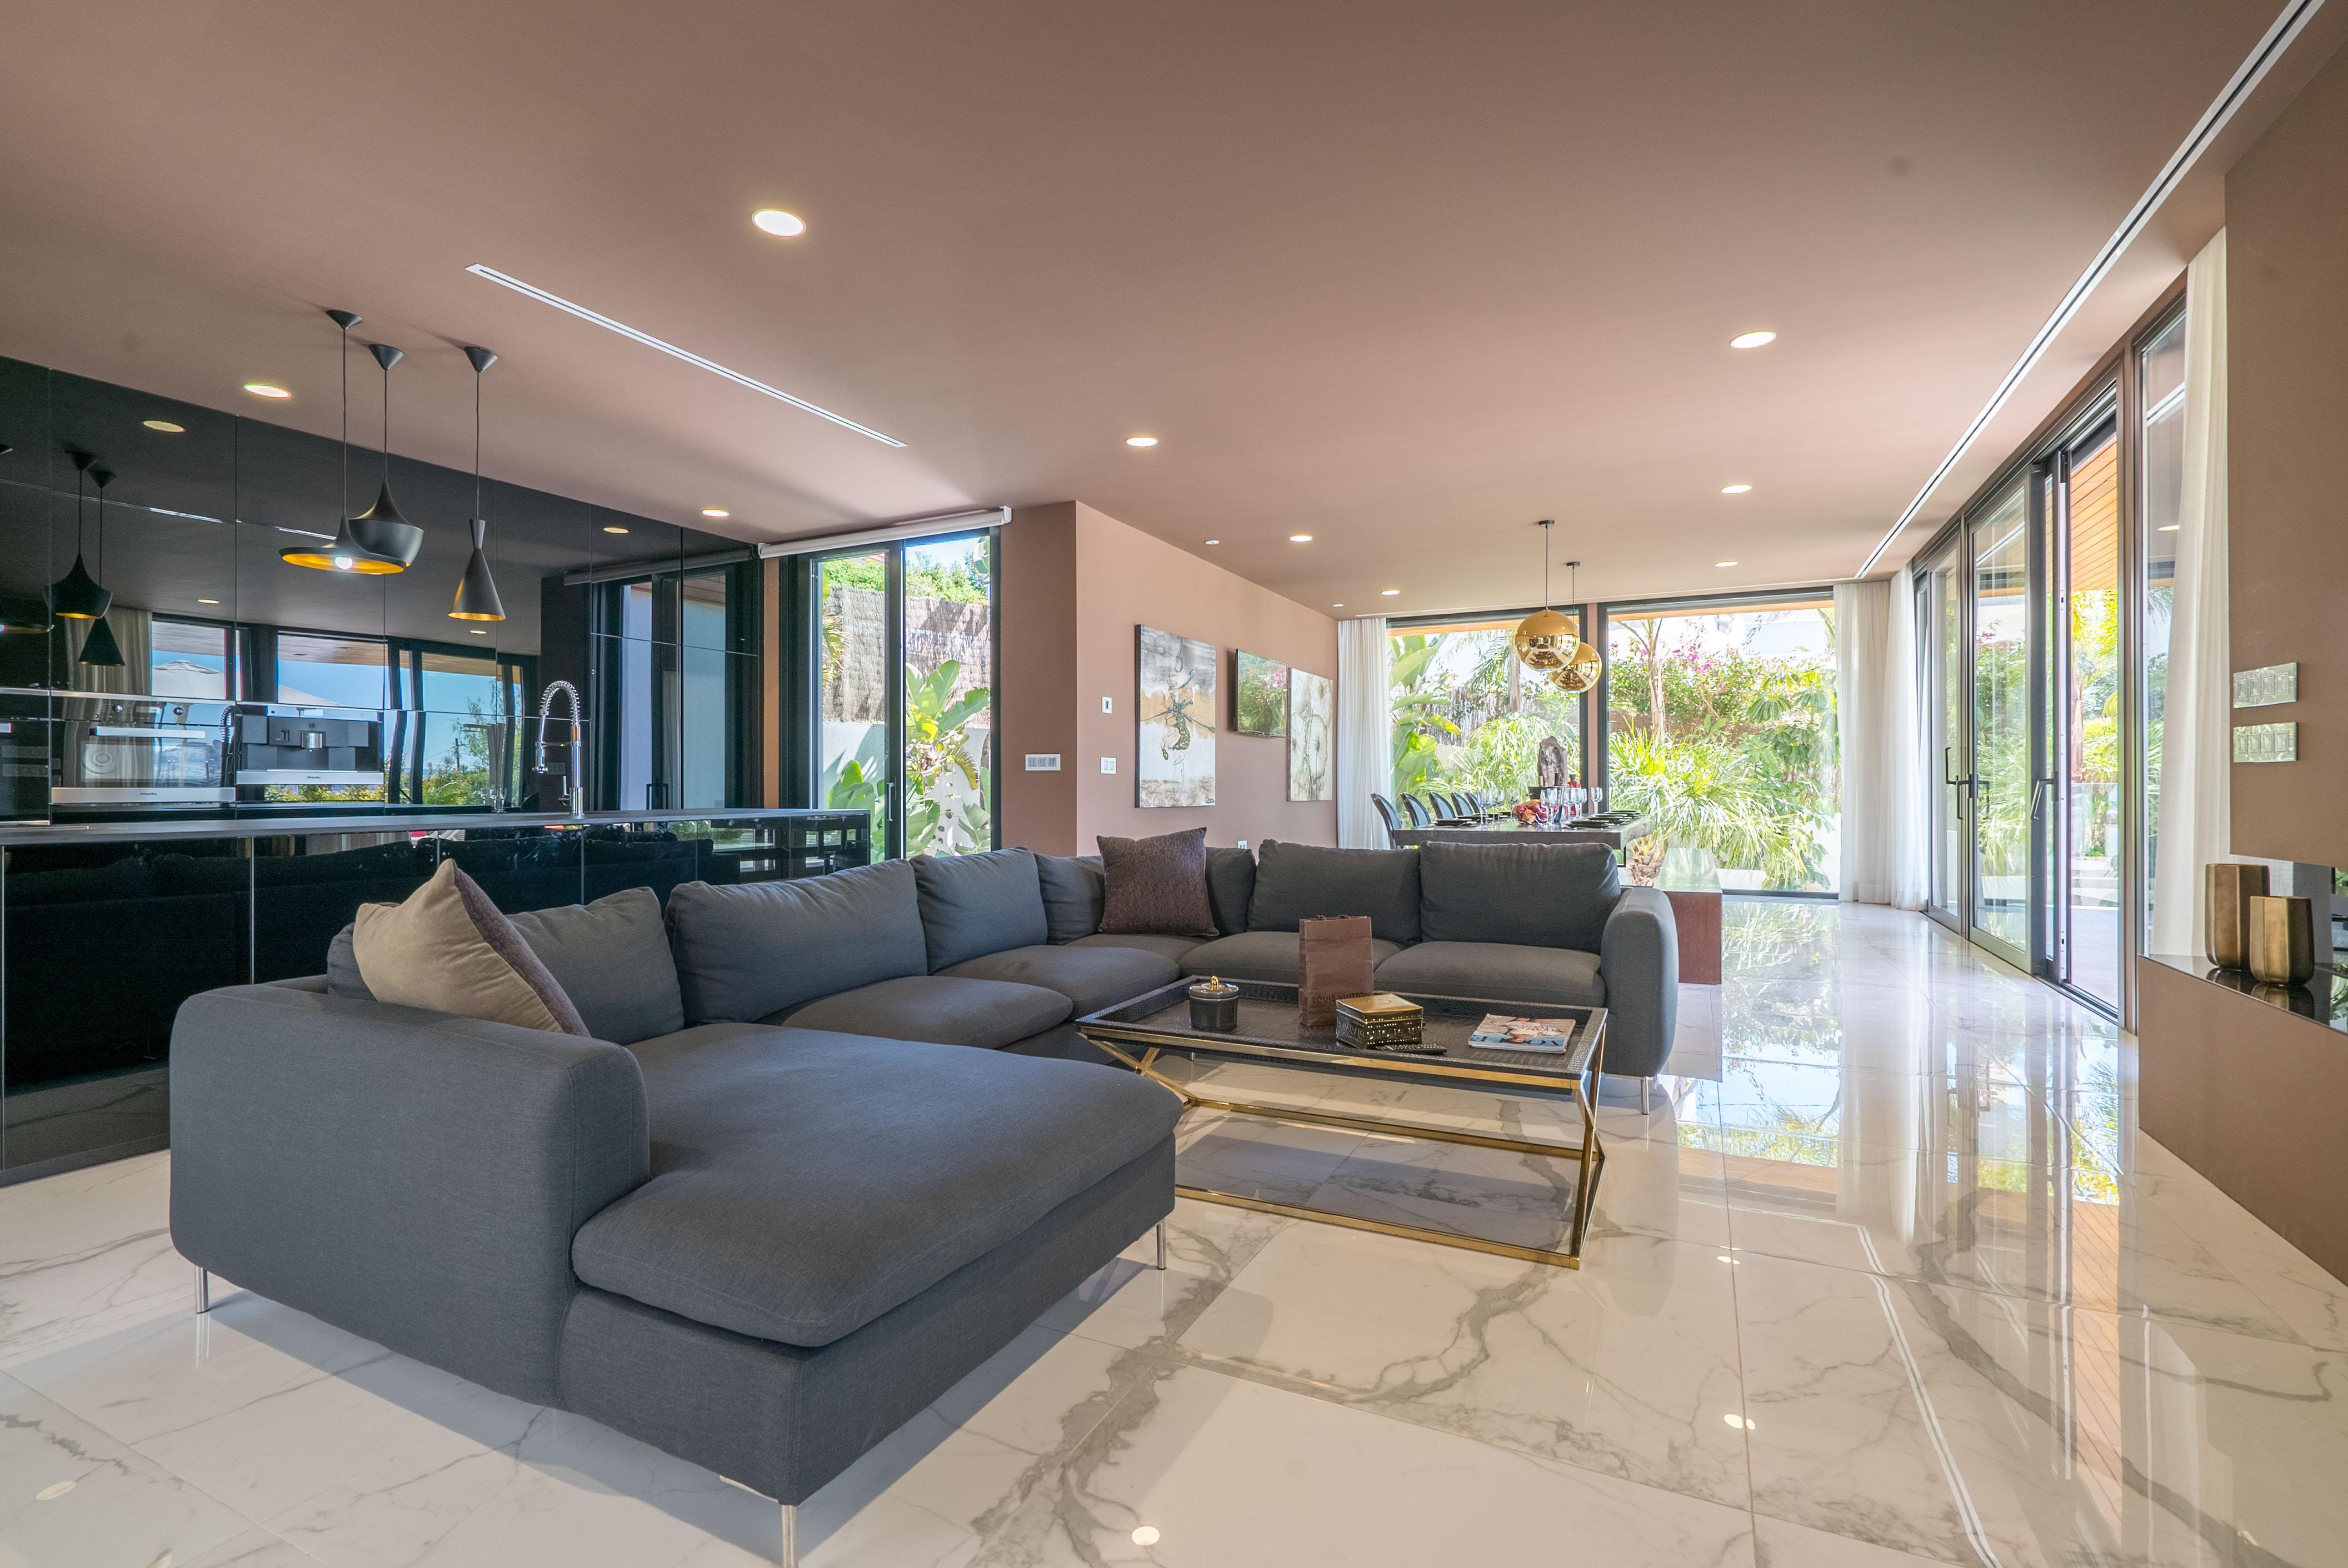 VILLA VALERIA - Livingroom